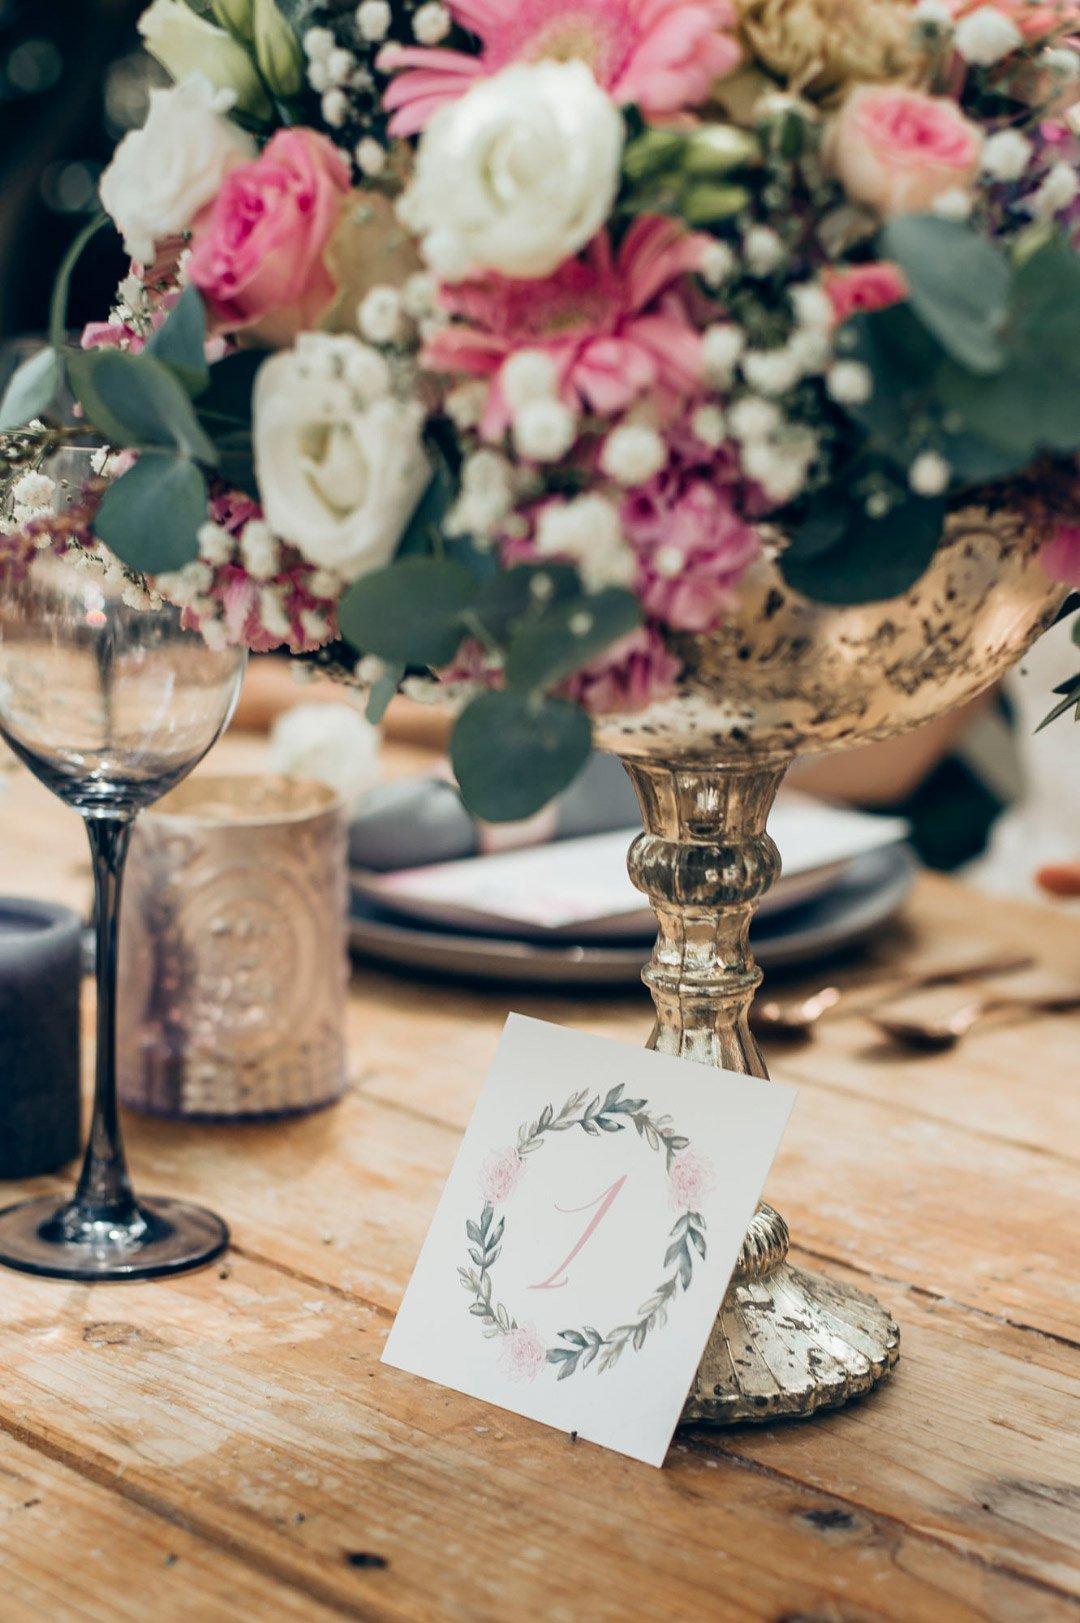 Tischnummer auf einer kleinen Karte ausgedruckt und auf dem Tisch aufgestellt